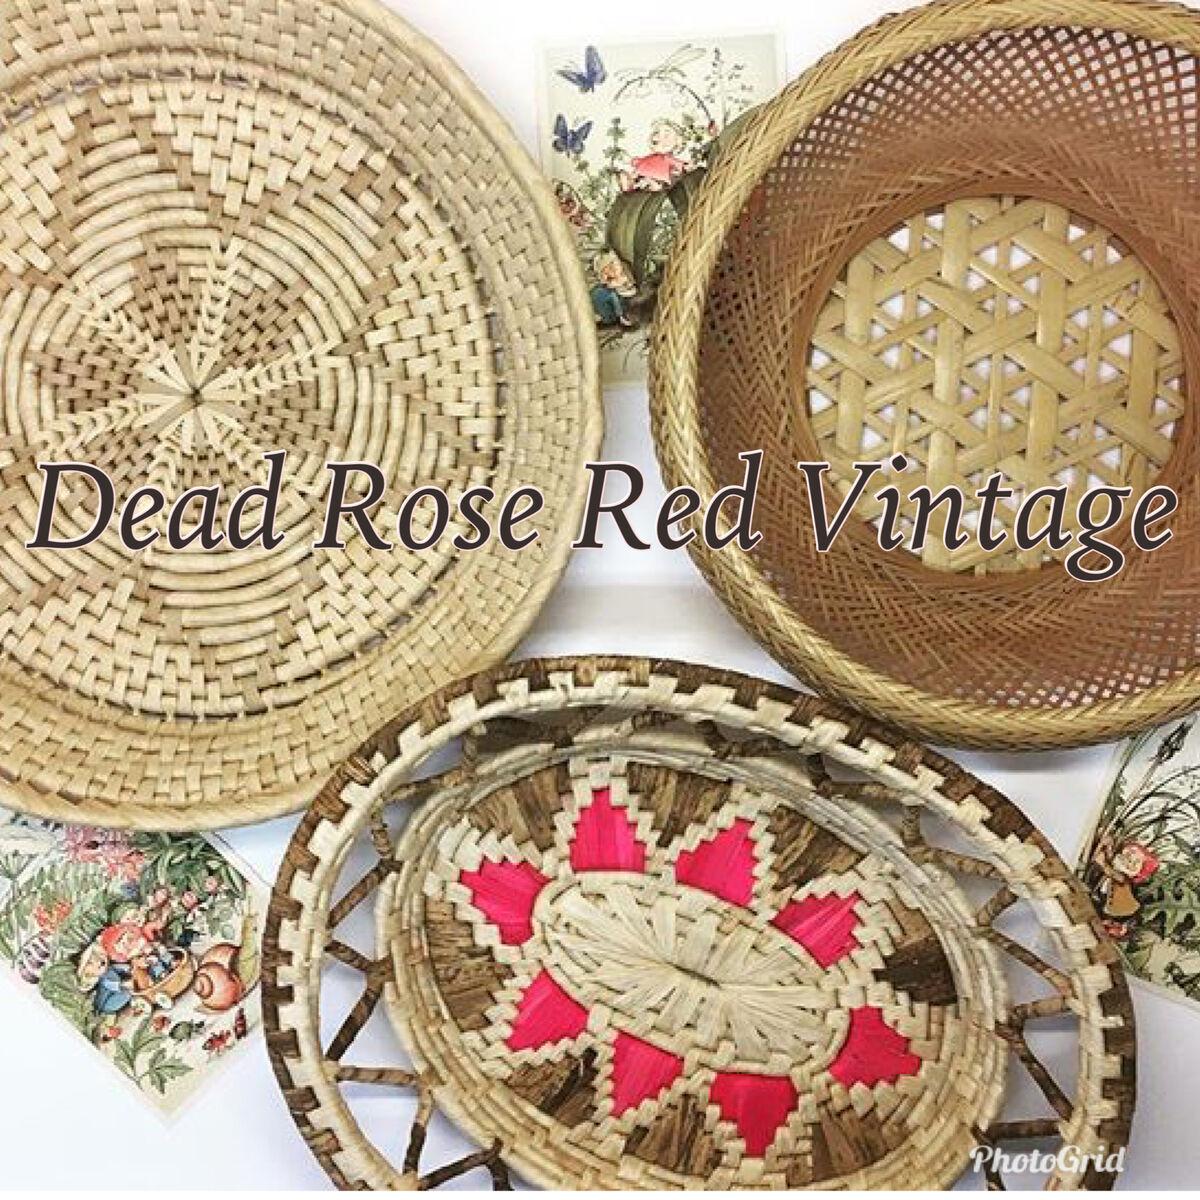 Dead Rose Red Vintage